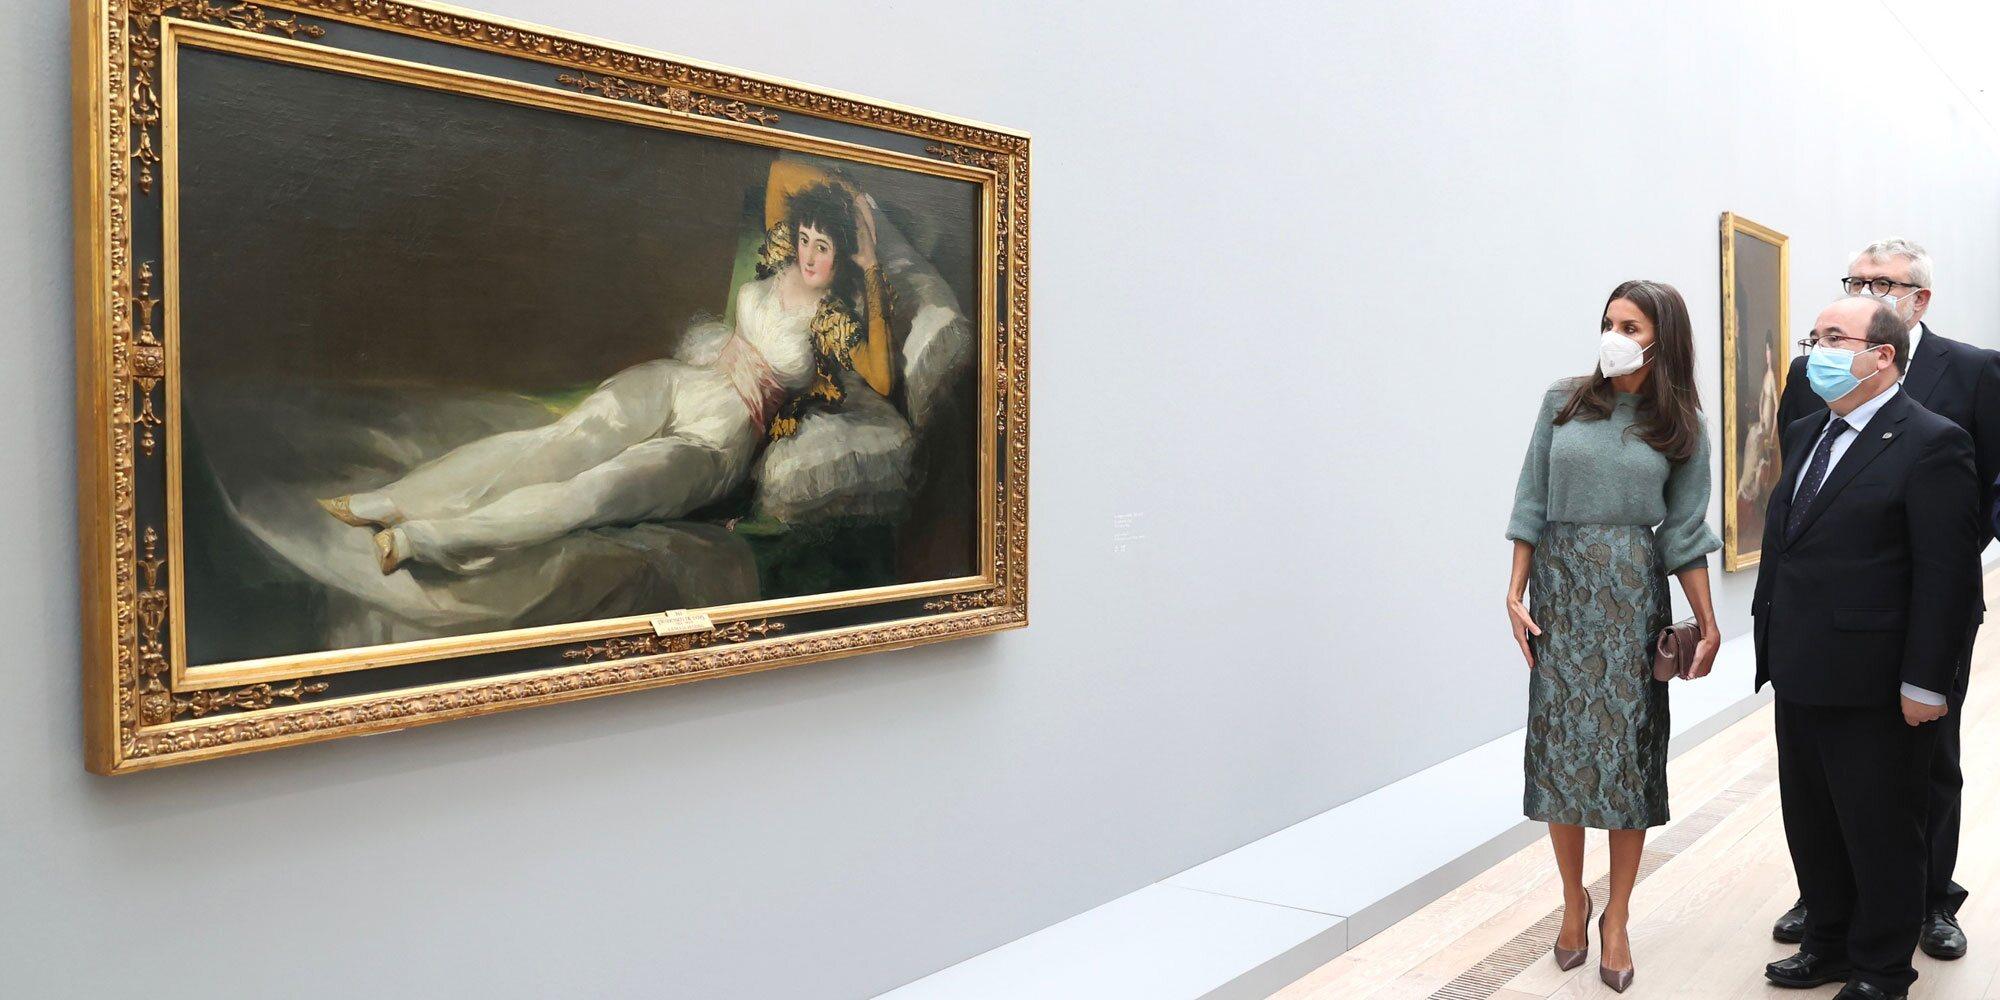 La Reina Letizia inaugura la exposición 'Goya' en Basilea: arte, antepasados y el cuadro favorito de la Duquesa de Alba